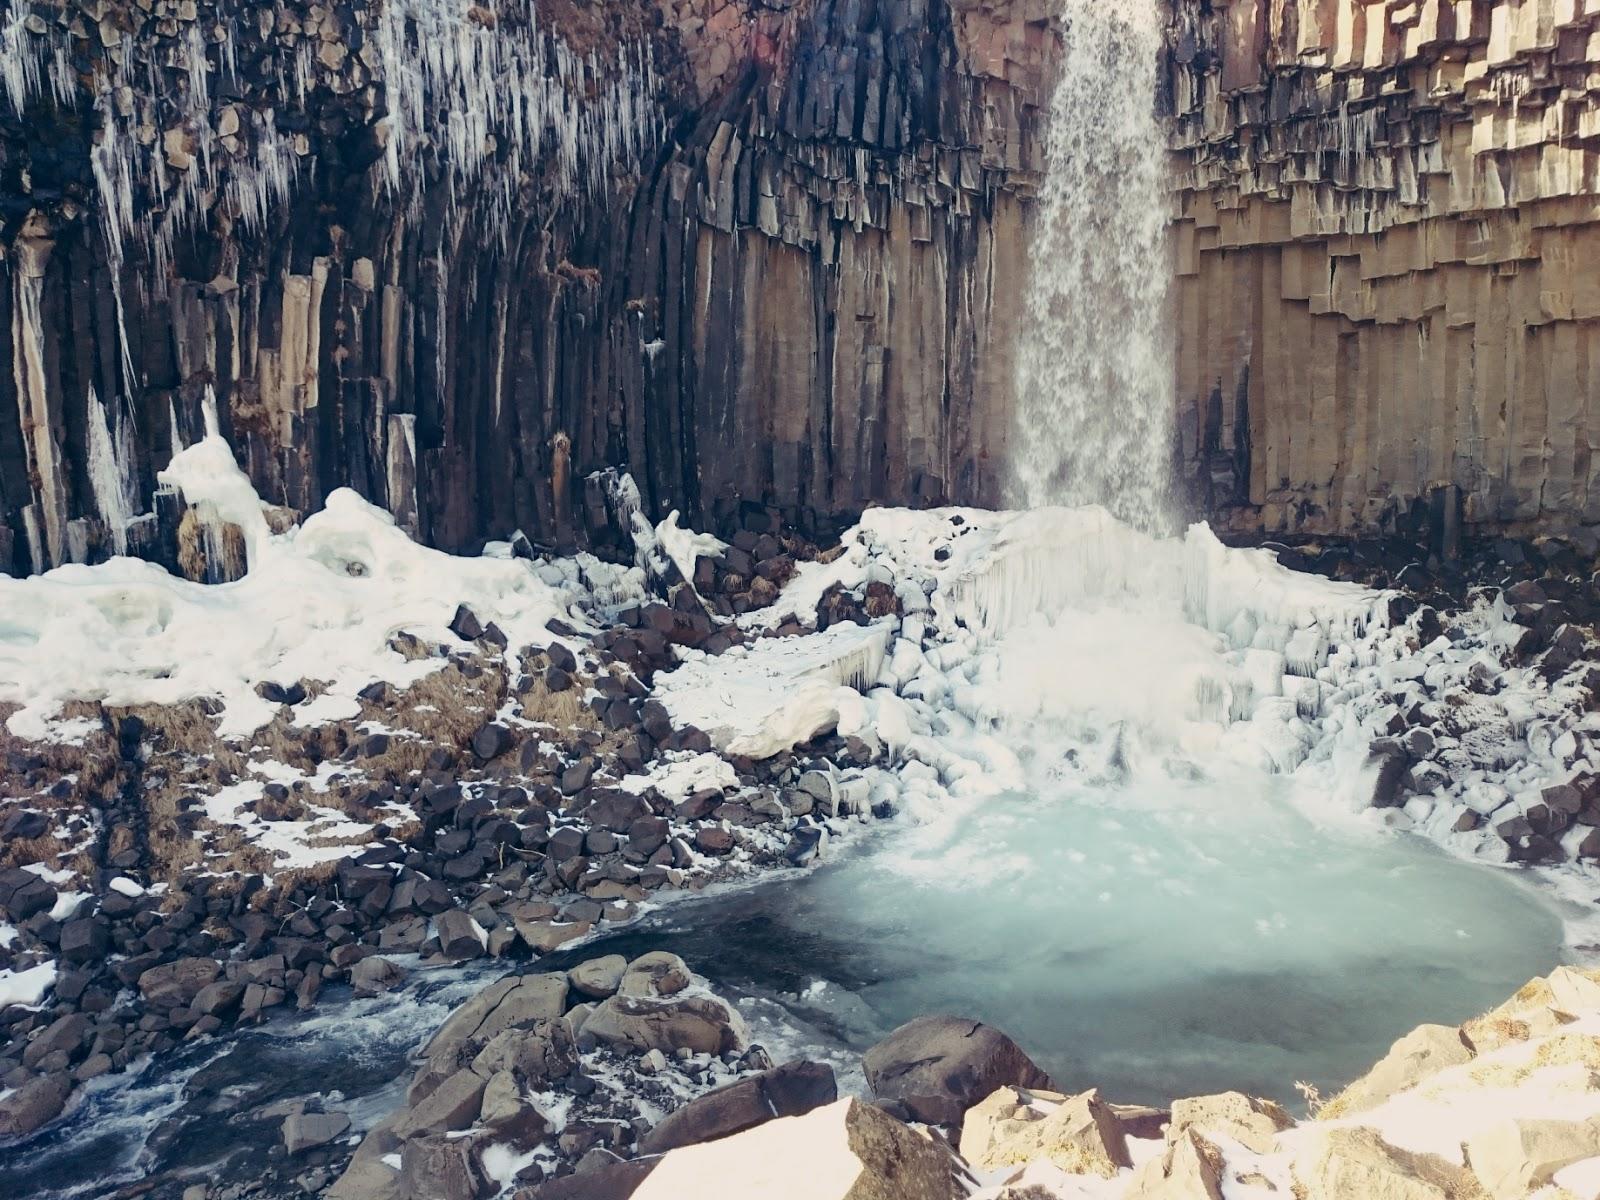 Islandzki wodospad Svartifoss, Svartifoss, Czarny Wodospad, wodospad Islandia, islandzki wodospad, islandzkie atrakcje, islandzkie wodospady, zwiedzanie Islandii